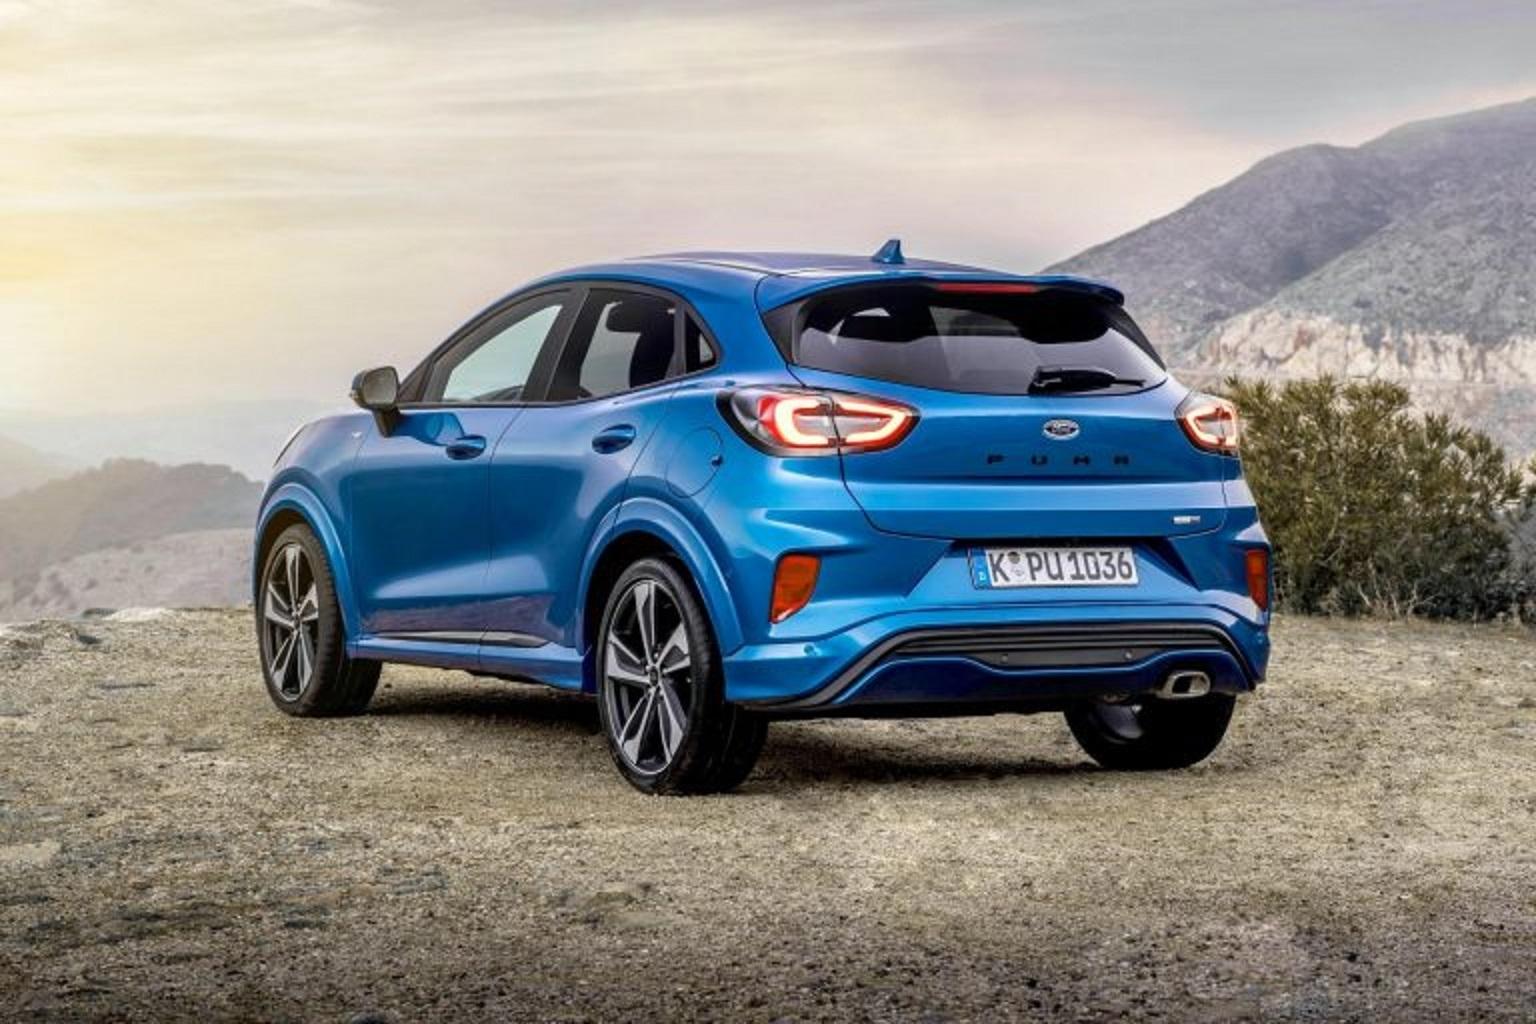 Ra mắt chưa lâu, Ford Puma dính án triệu hồi tại Anh